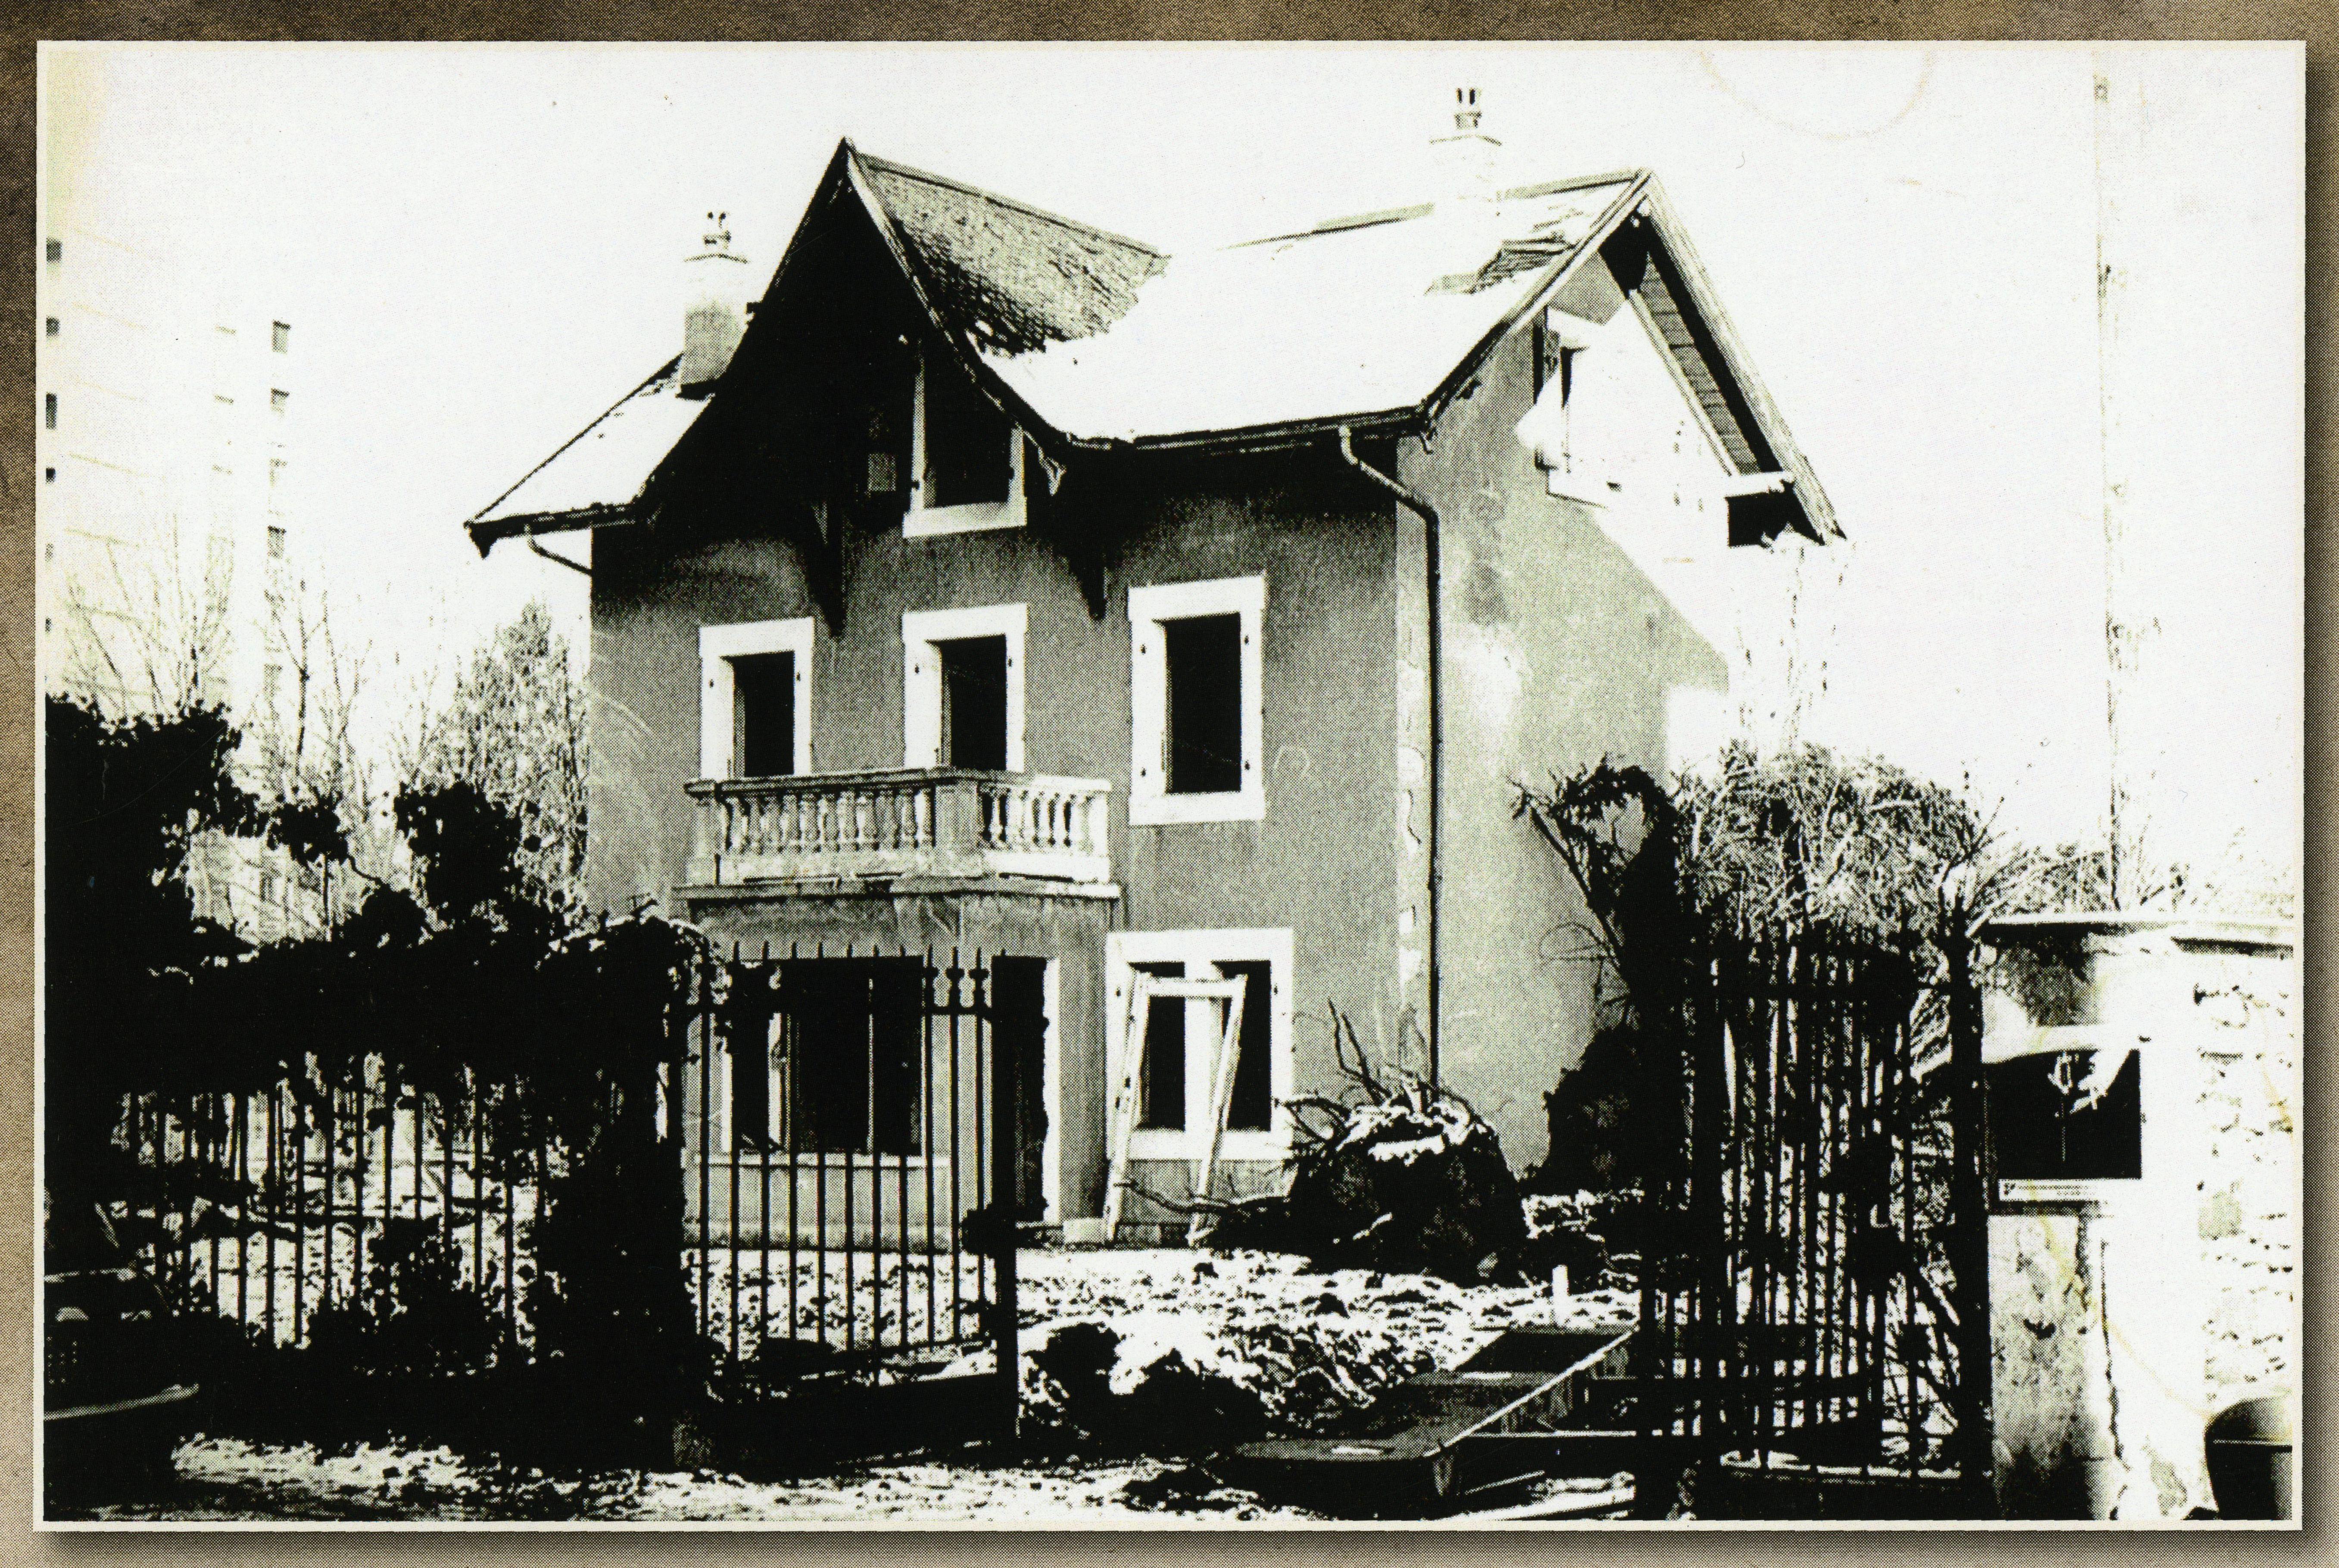 maison Pernet 1969